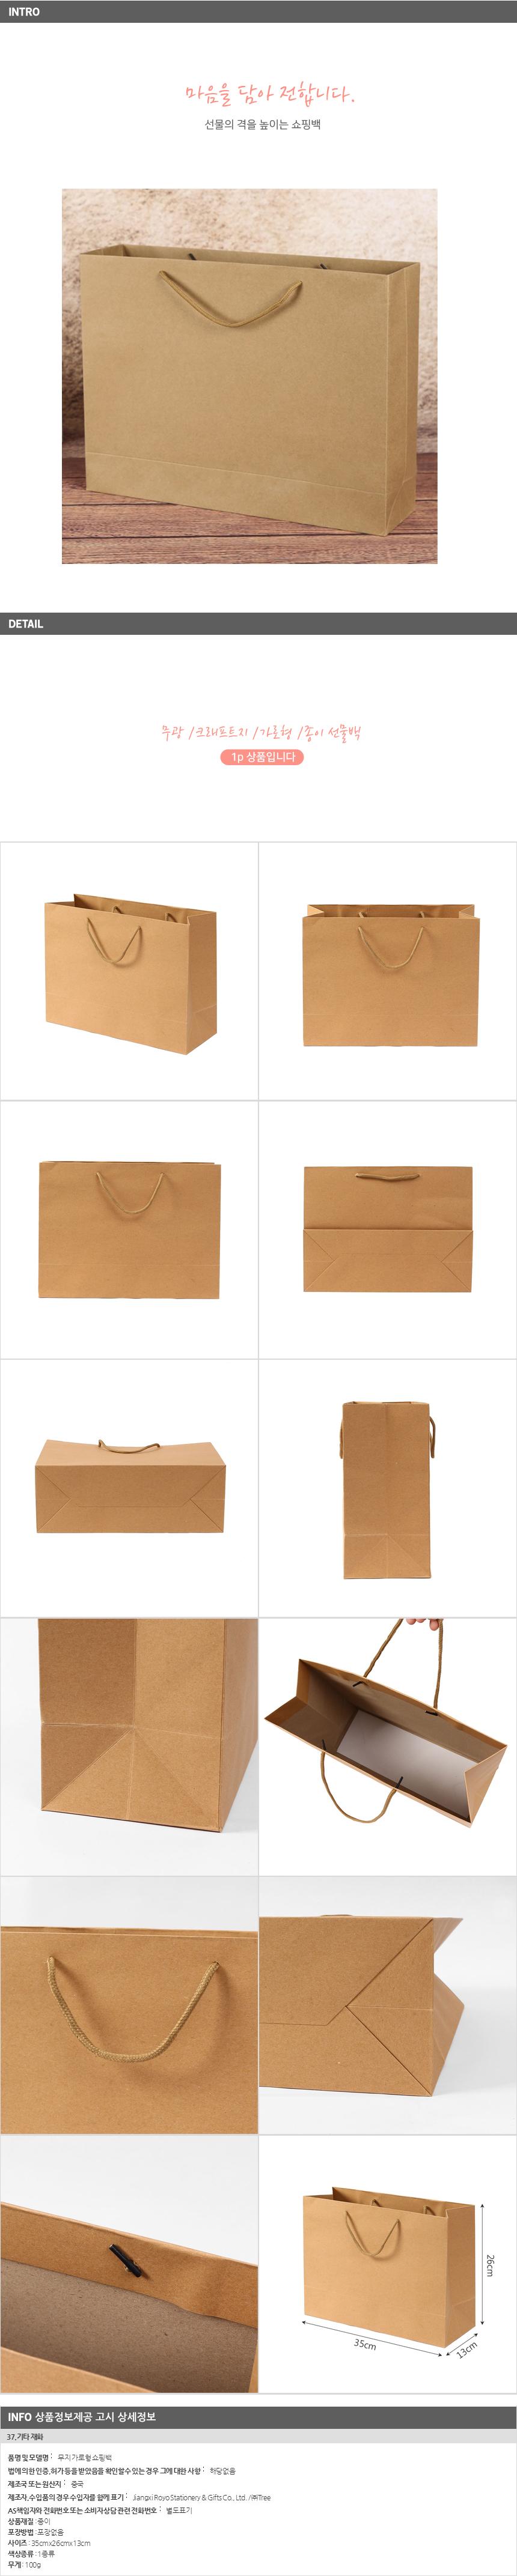 무지 가로형 쇼핑백(브라운)(35x26cm)/종이쇼핑백1,320원-기프트갓디자인문구, 선물포장, 종이/페이퍼백, 심플바보사랑무지 가로형 쇼핑백(브라운)(35x26cm)/종이쇼핑백1,320원-기프트갓디자인문구, 선물포장, 종이/페이퍼백, 심플바보사랑